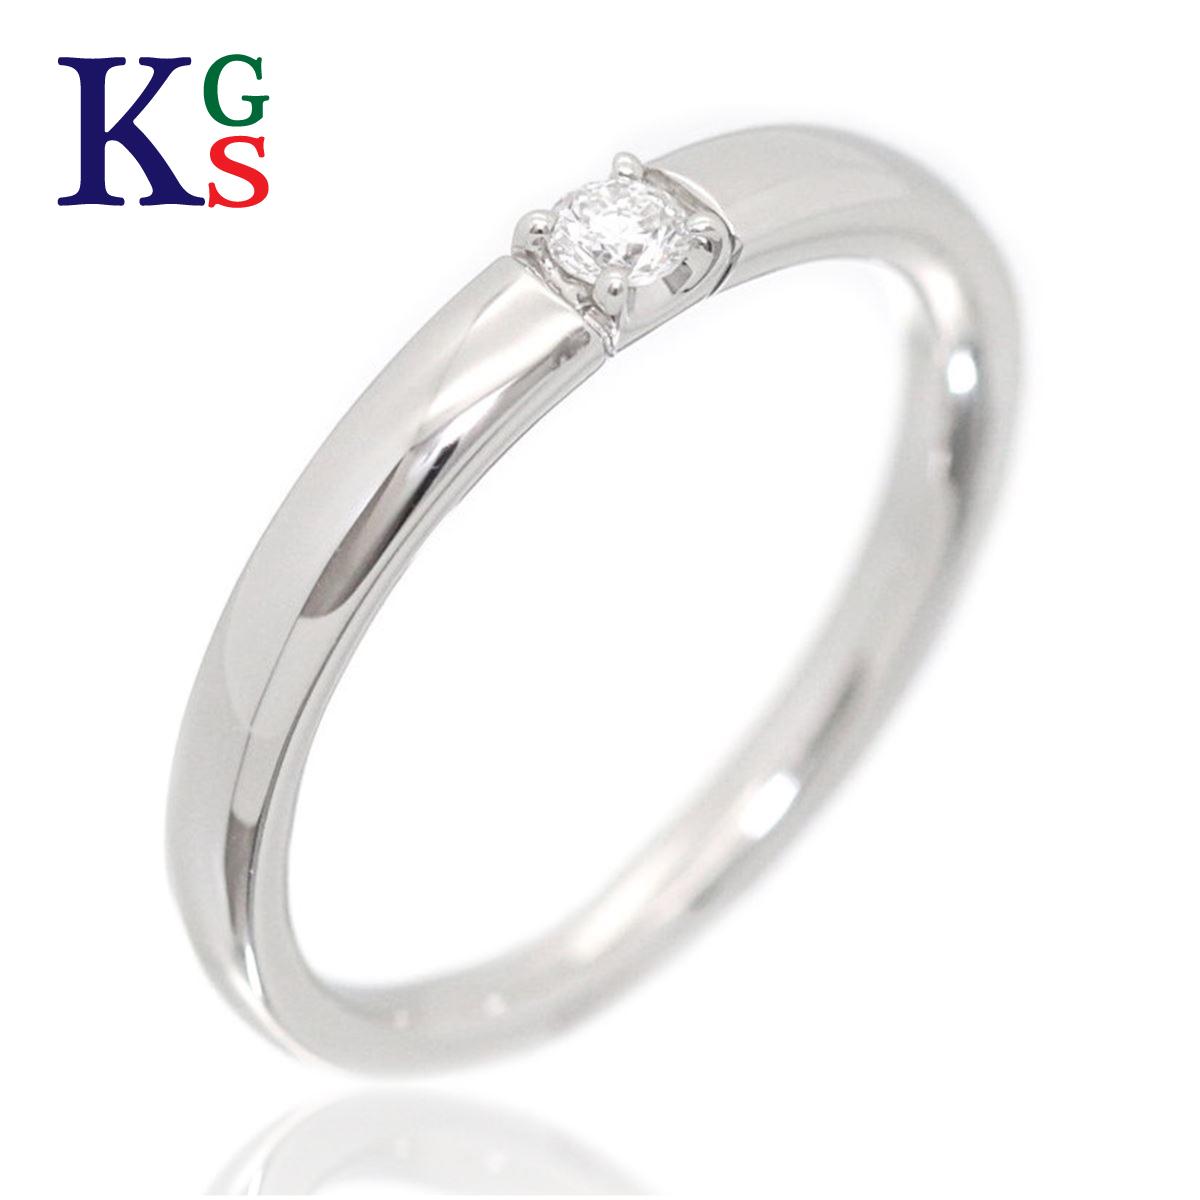 【ギフト品質】【名入れ】ヨンドシー/4°C レディース ジュエリー パーフェクトプラチナ 1Pダイヤリング/指輪 プラチナ Pt950